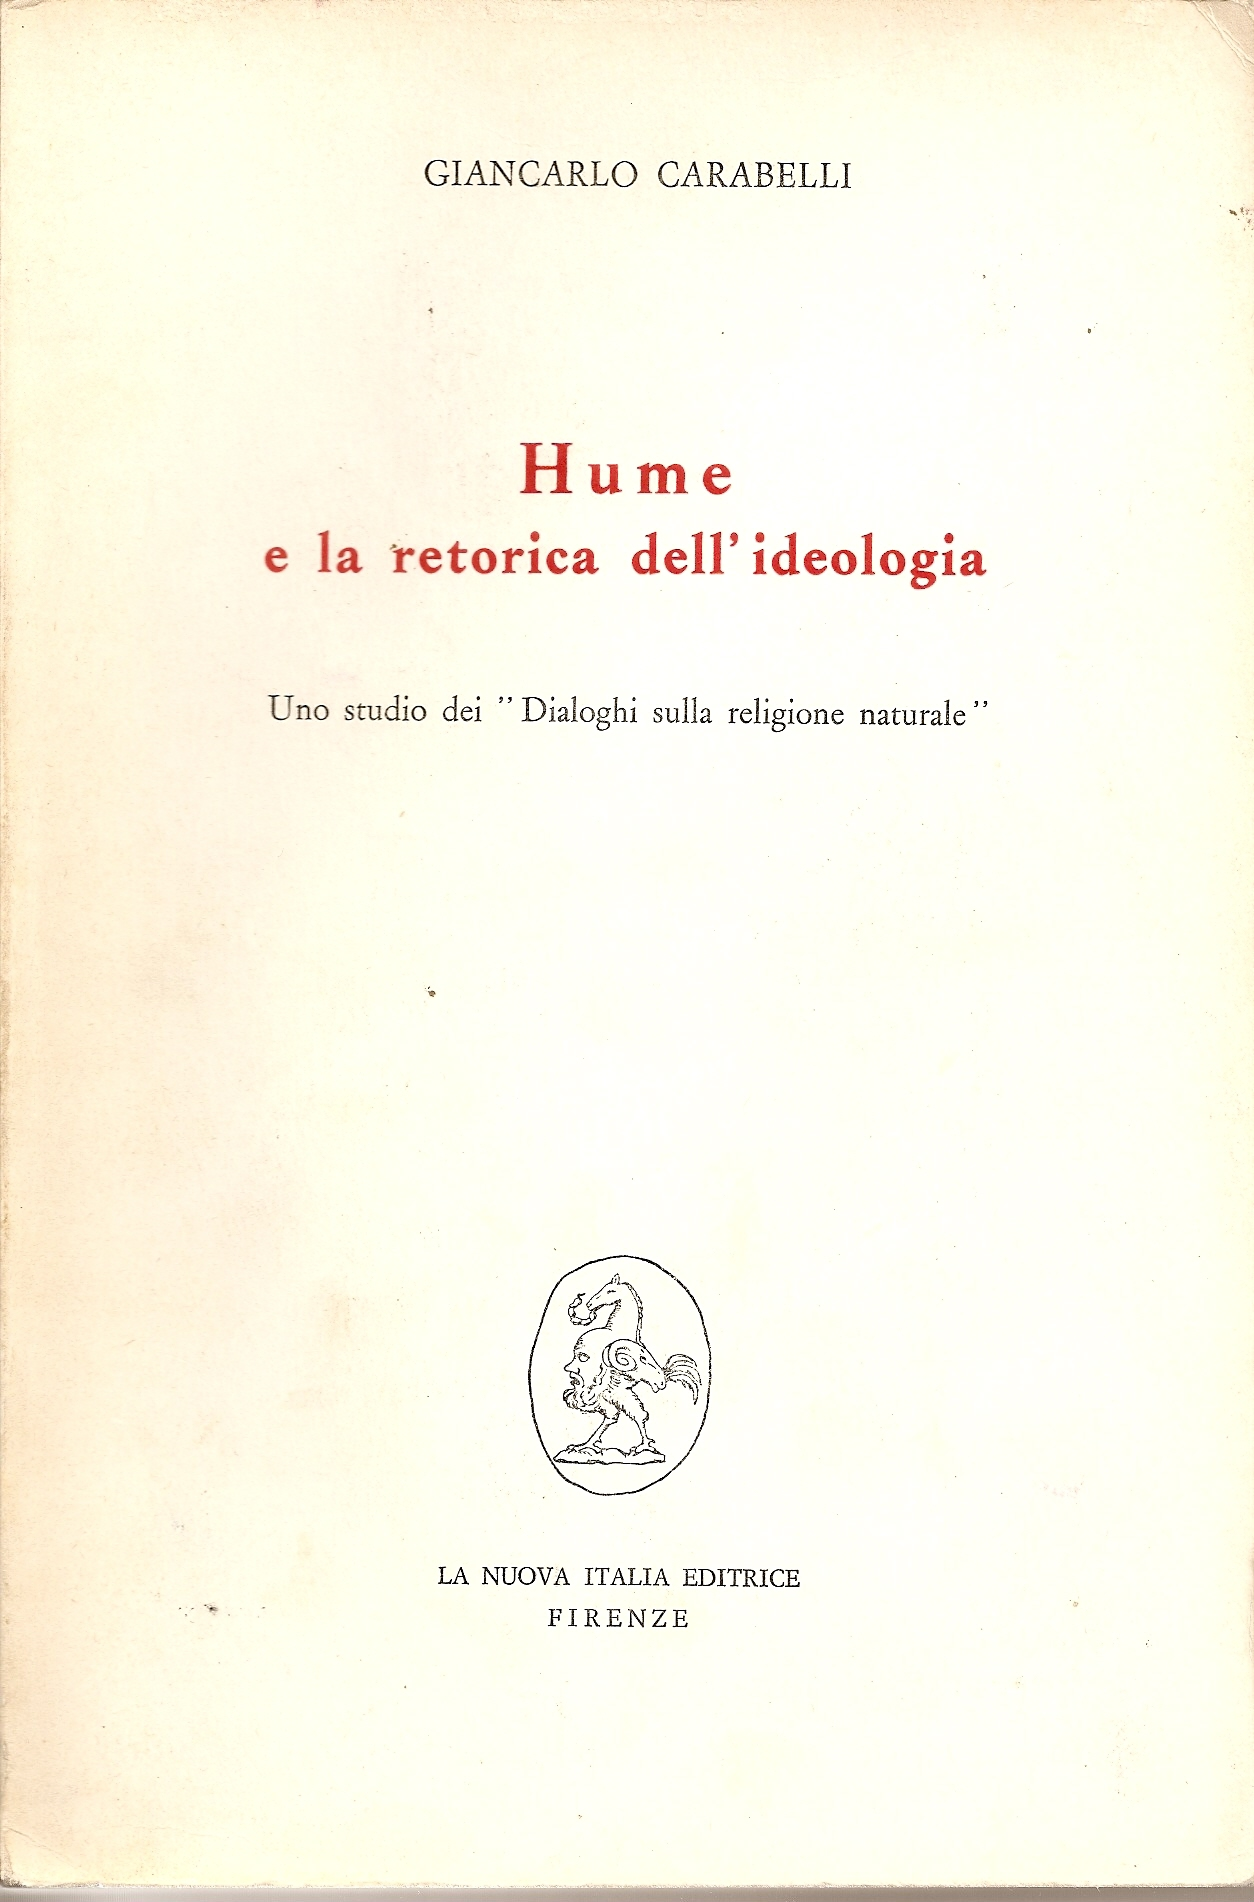 Hume e la retorica dell'ideologia